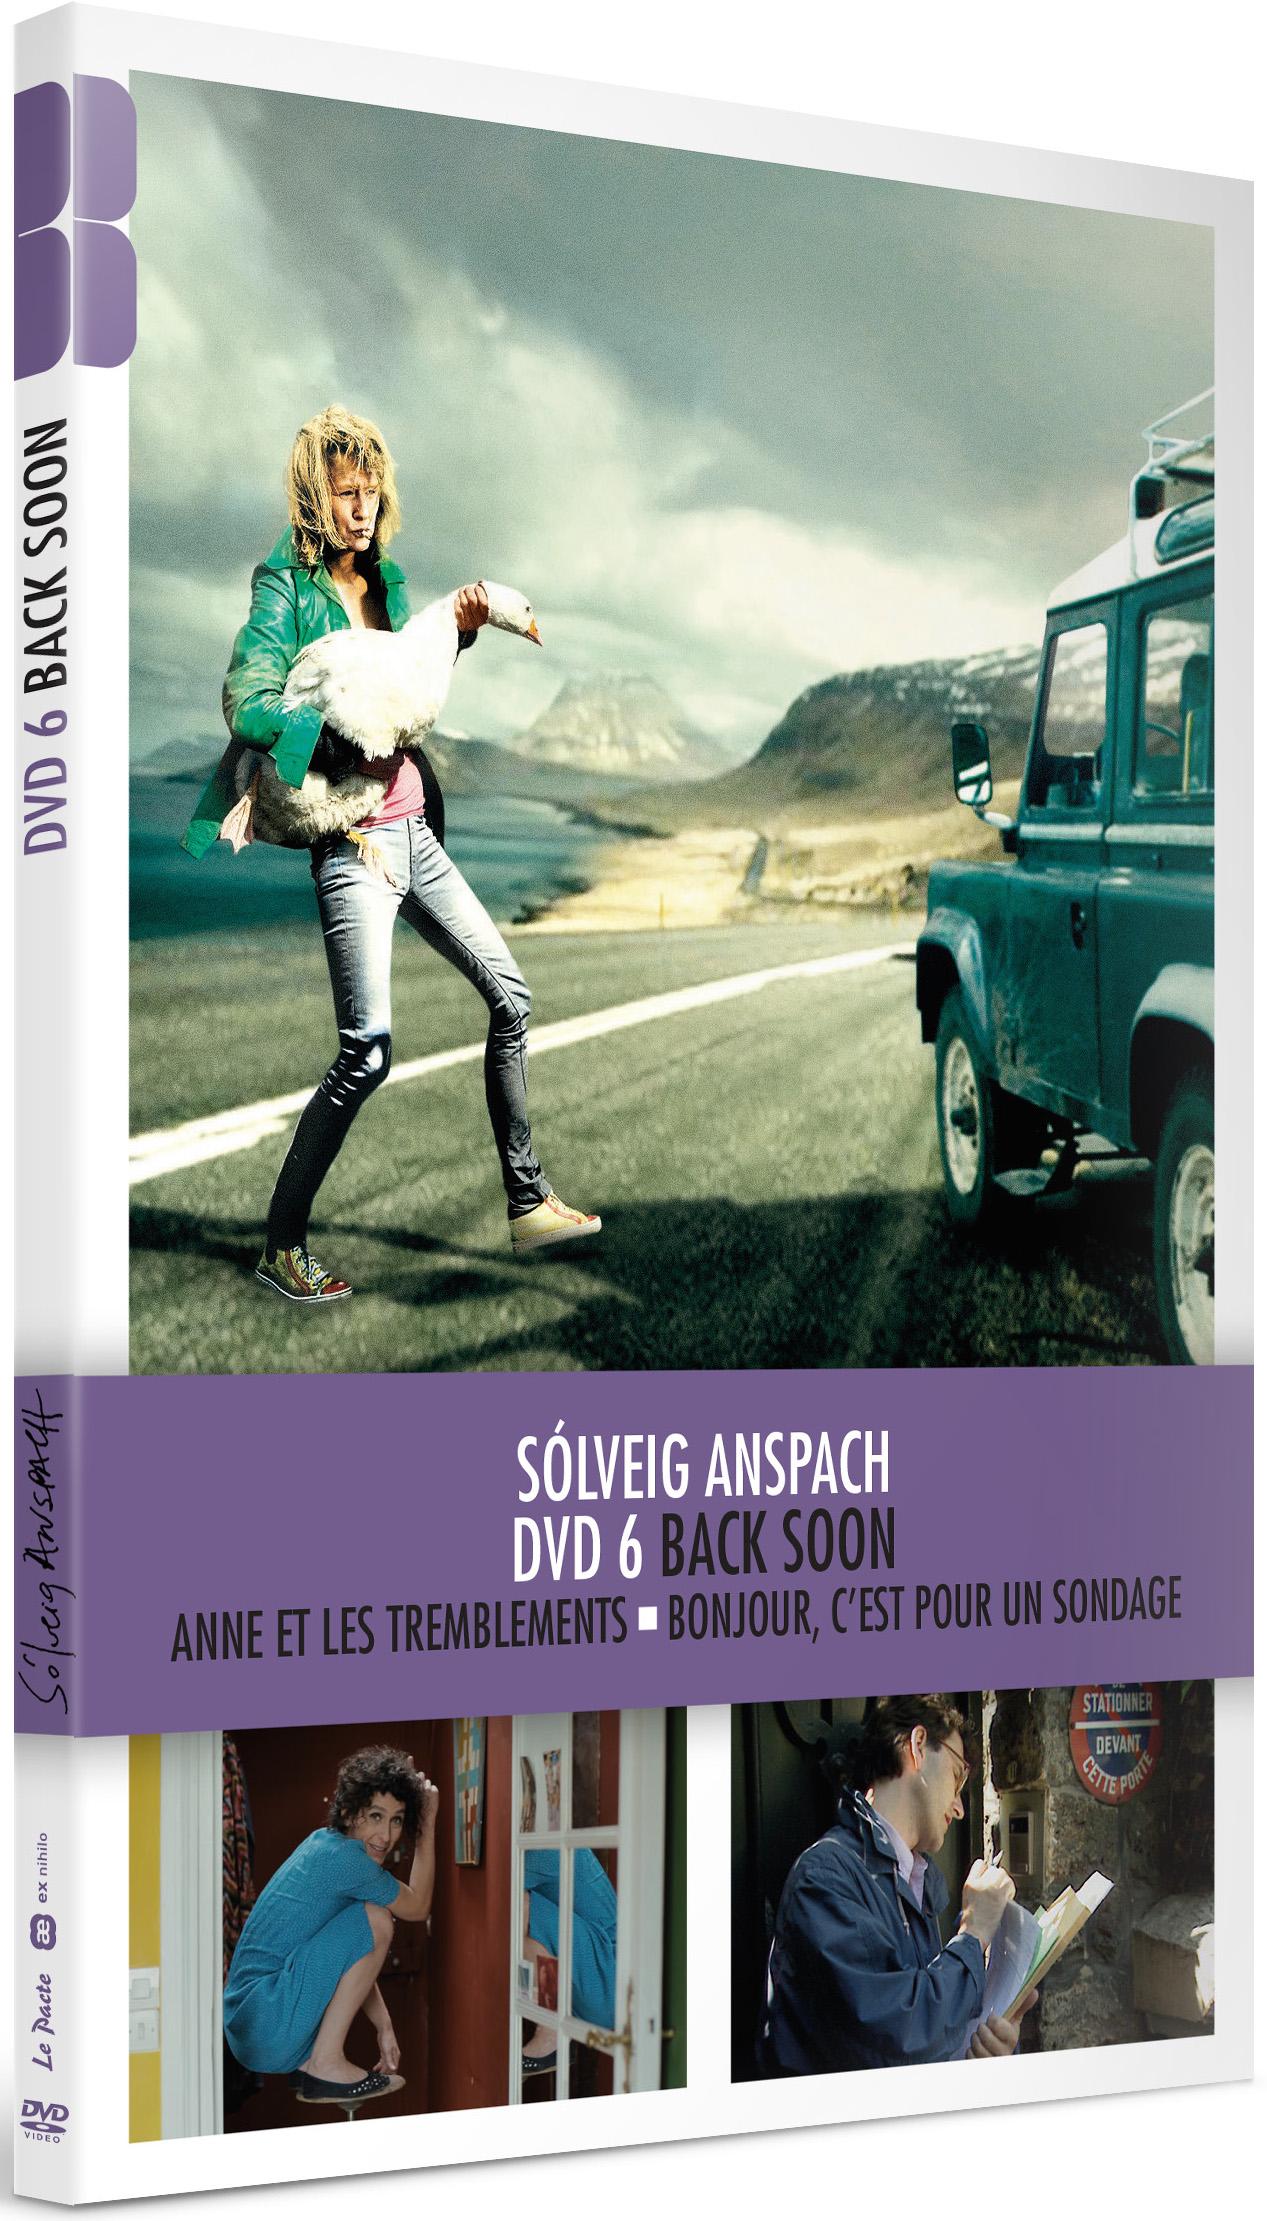 Back soon = Skrapp t | Anspach, Solveig (1960-....). Metteur en scène ou réalisateur